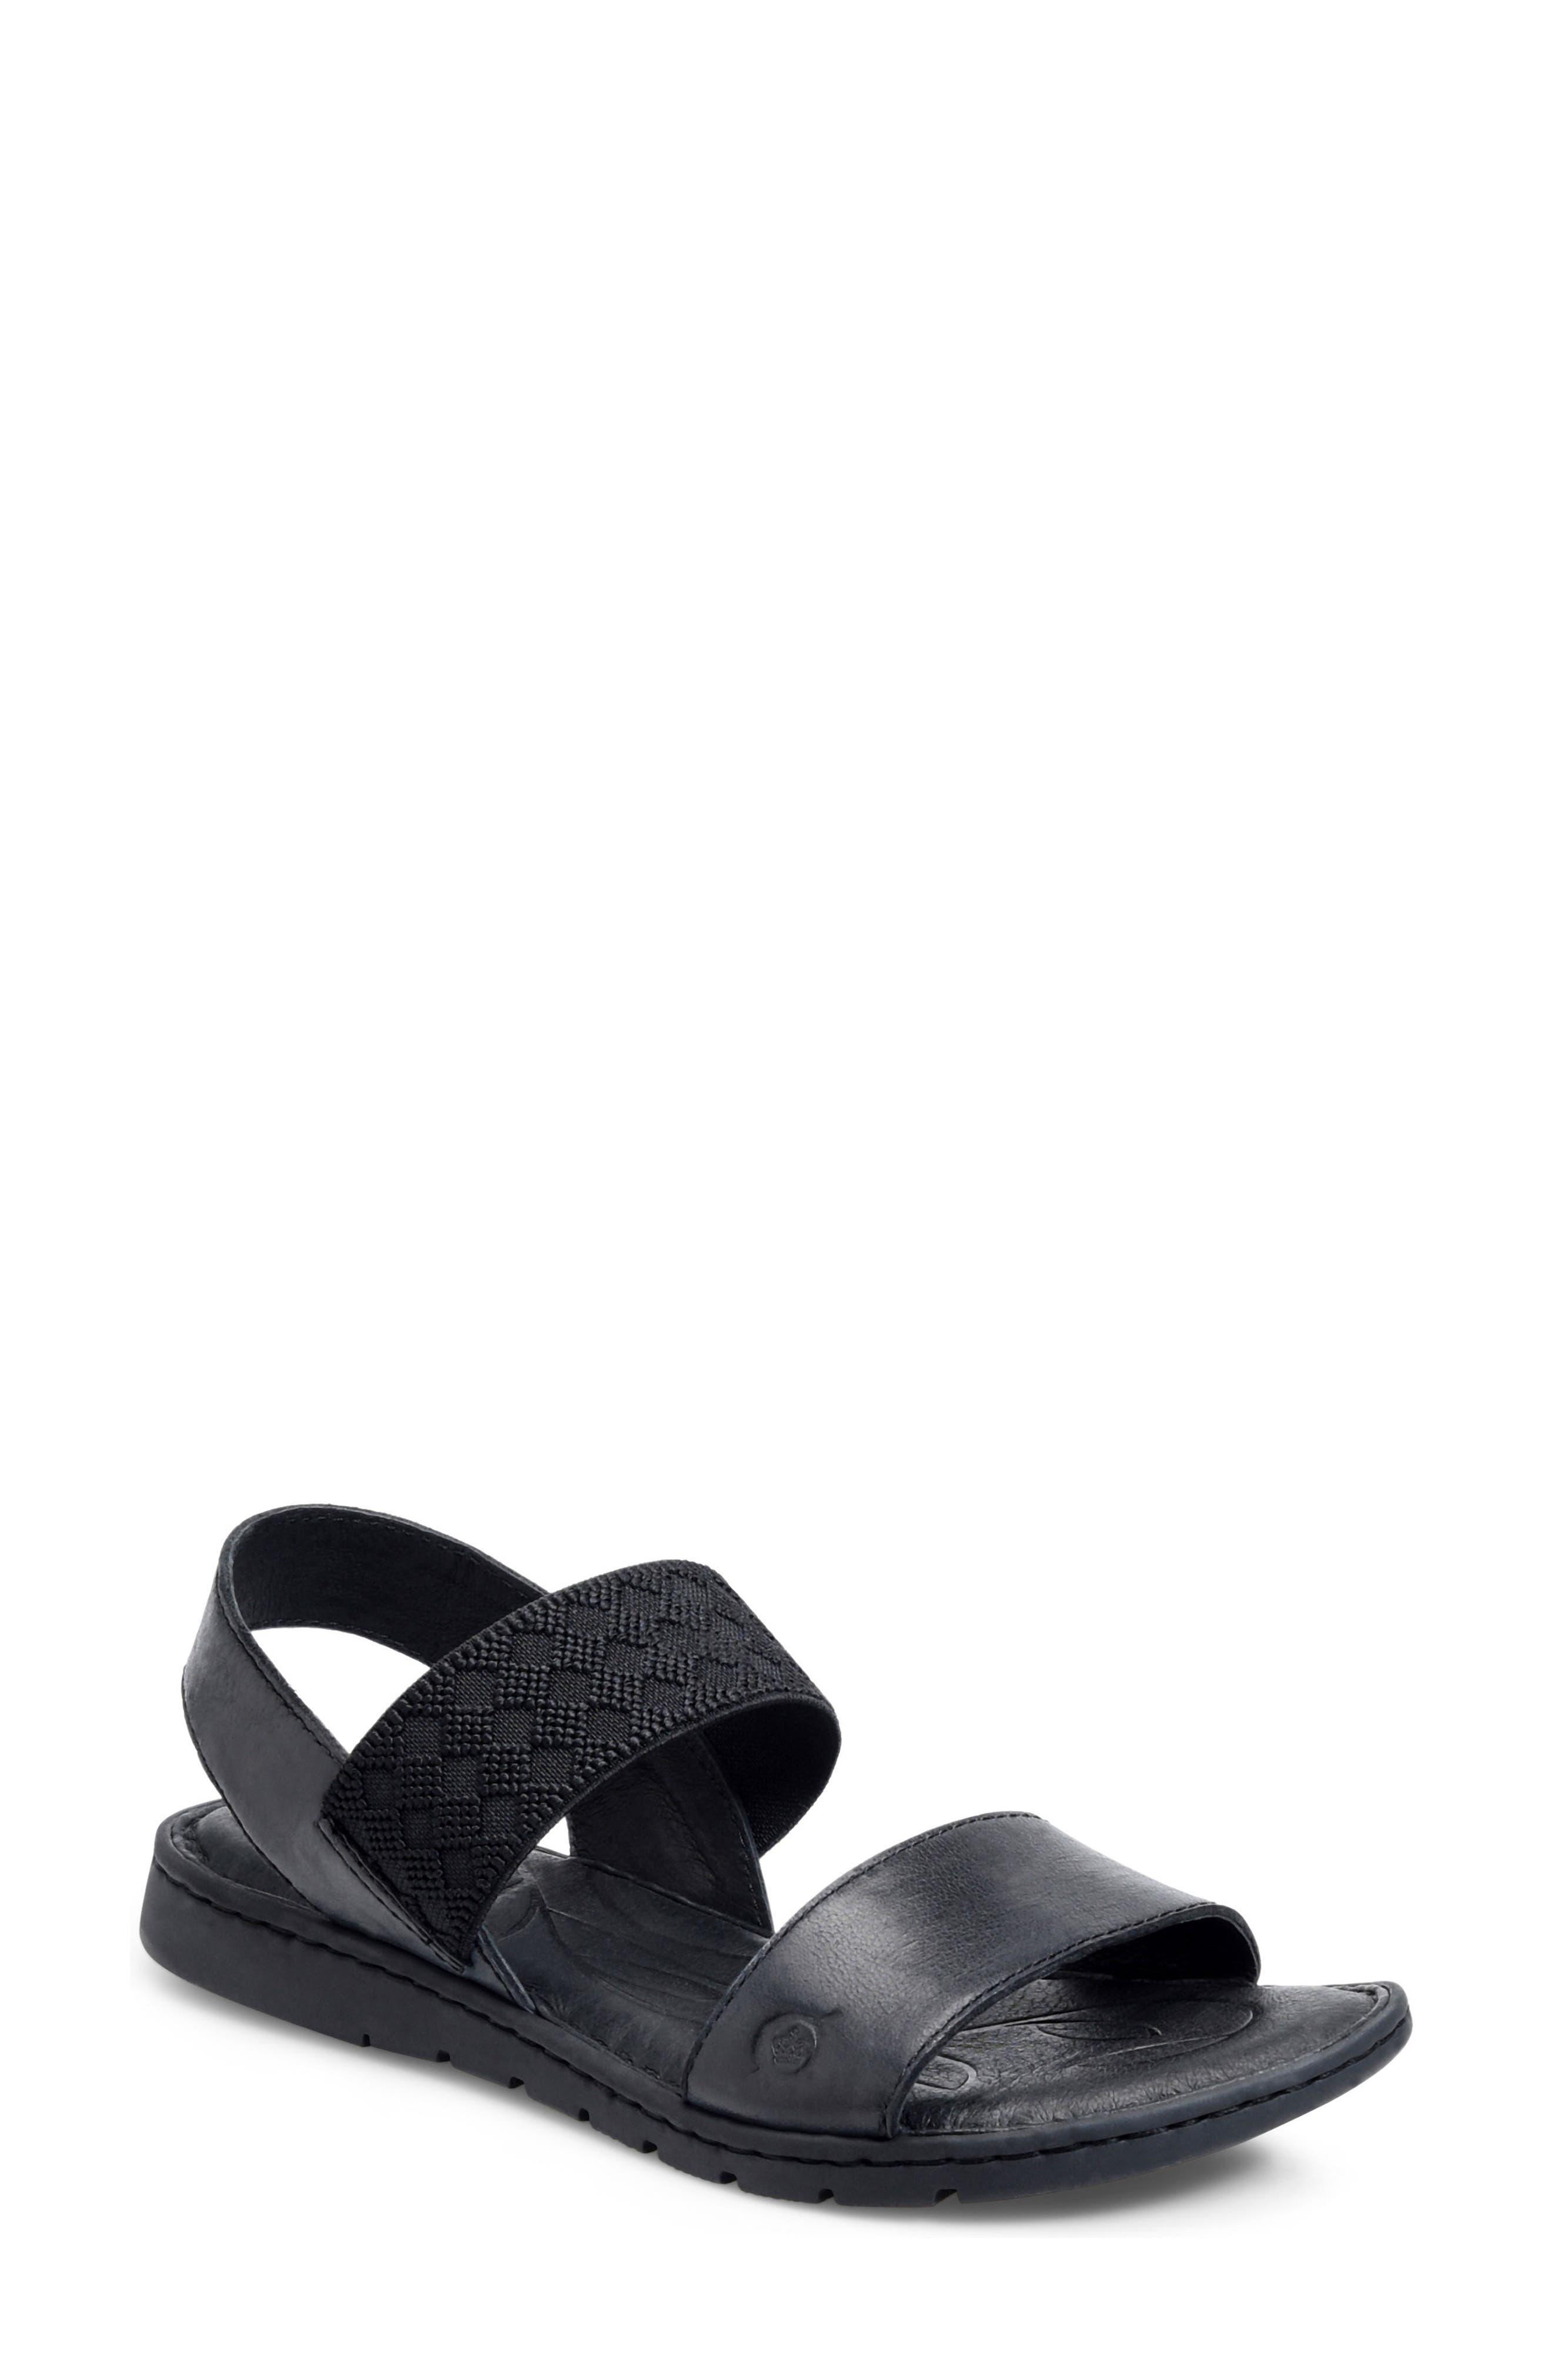 Parsons Sandal,                         Main,                         color,